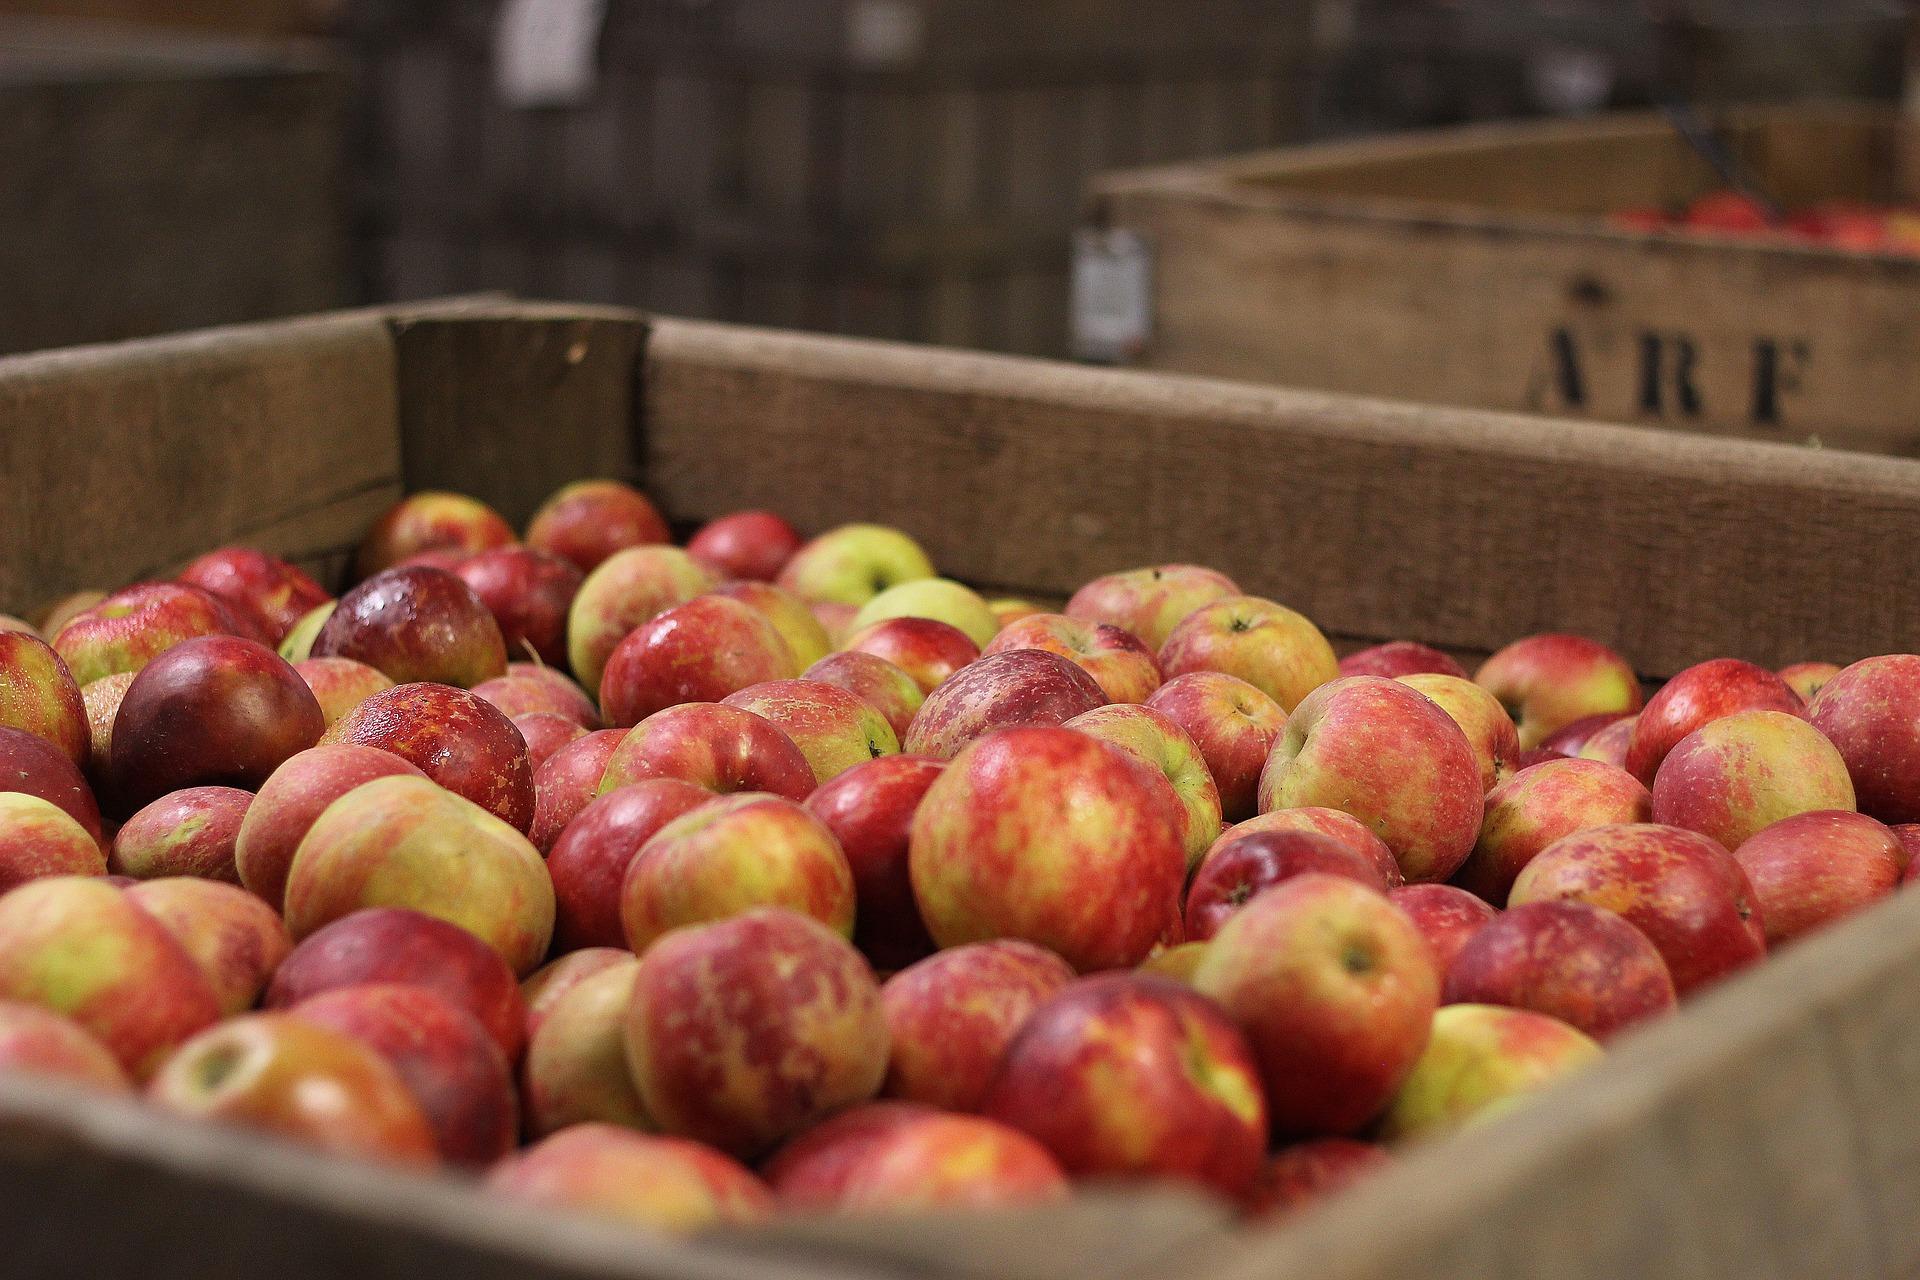 Polskie jabłka i cydr – nowe otwarcie